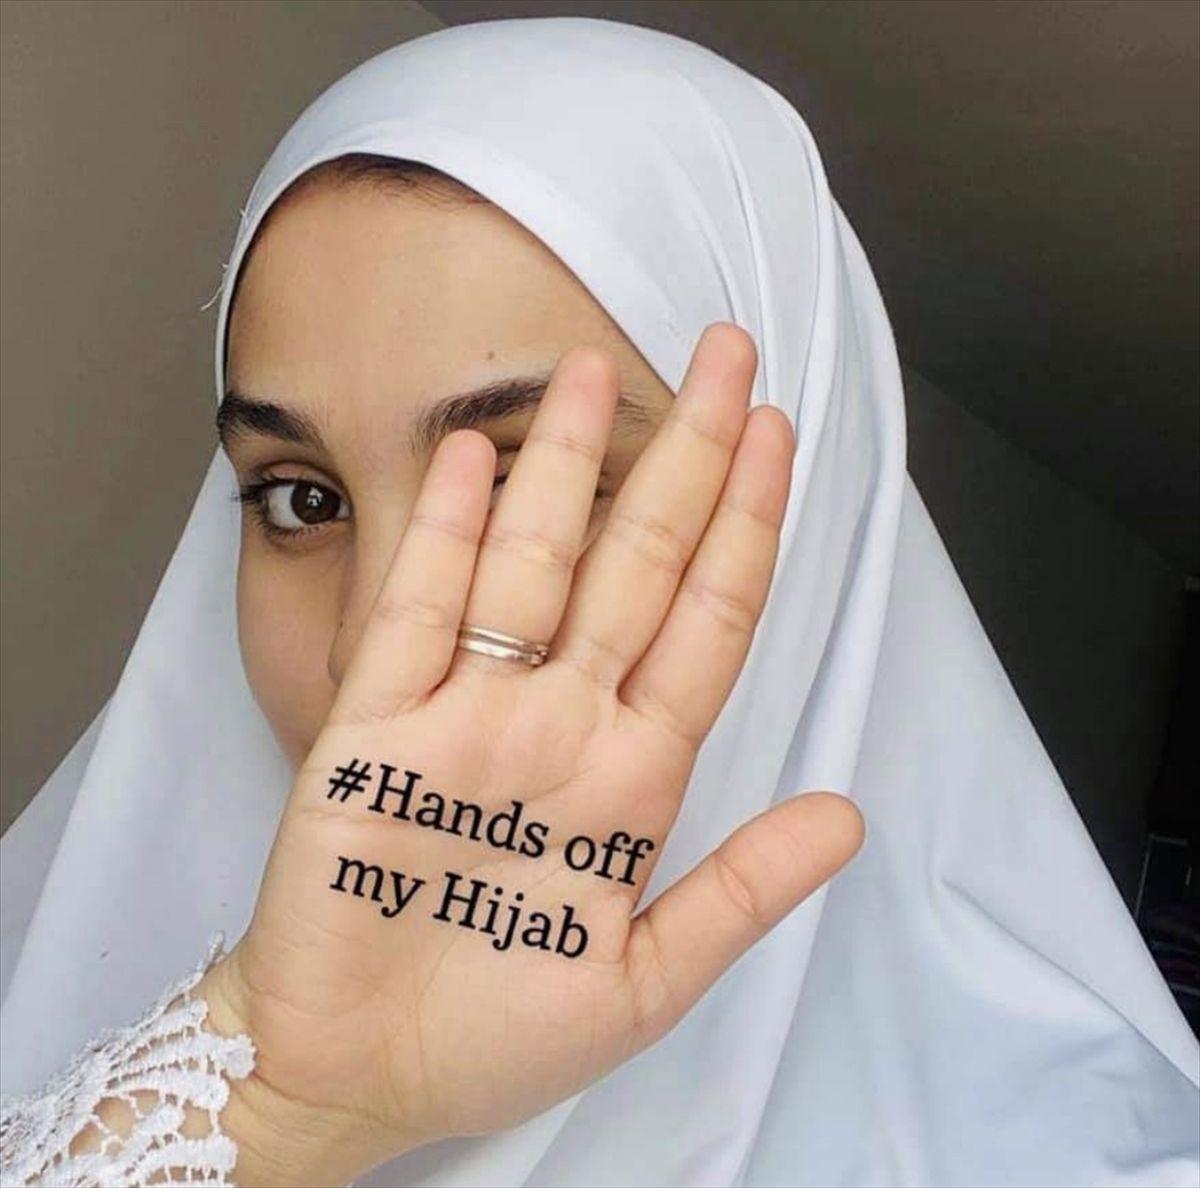 Fransa'da Müslüman kadınlar sosyal medyada harekete geçti kampanya çığ gibi büyüyor